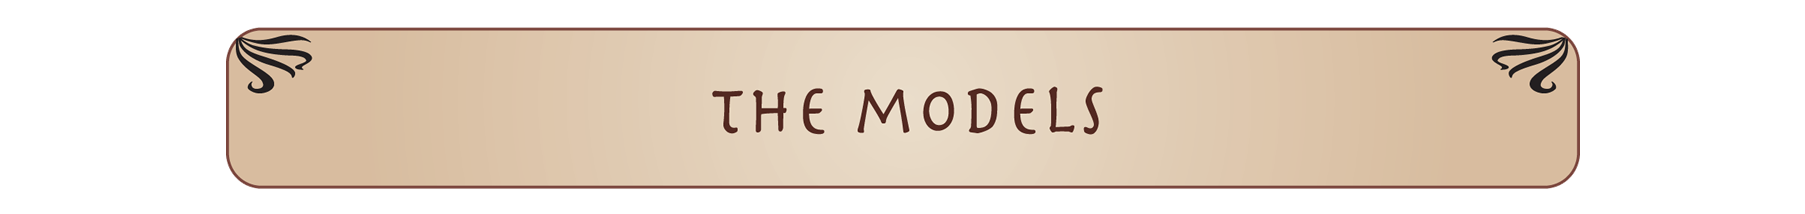 models-1a